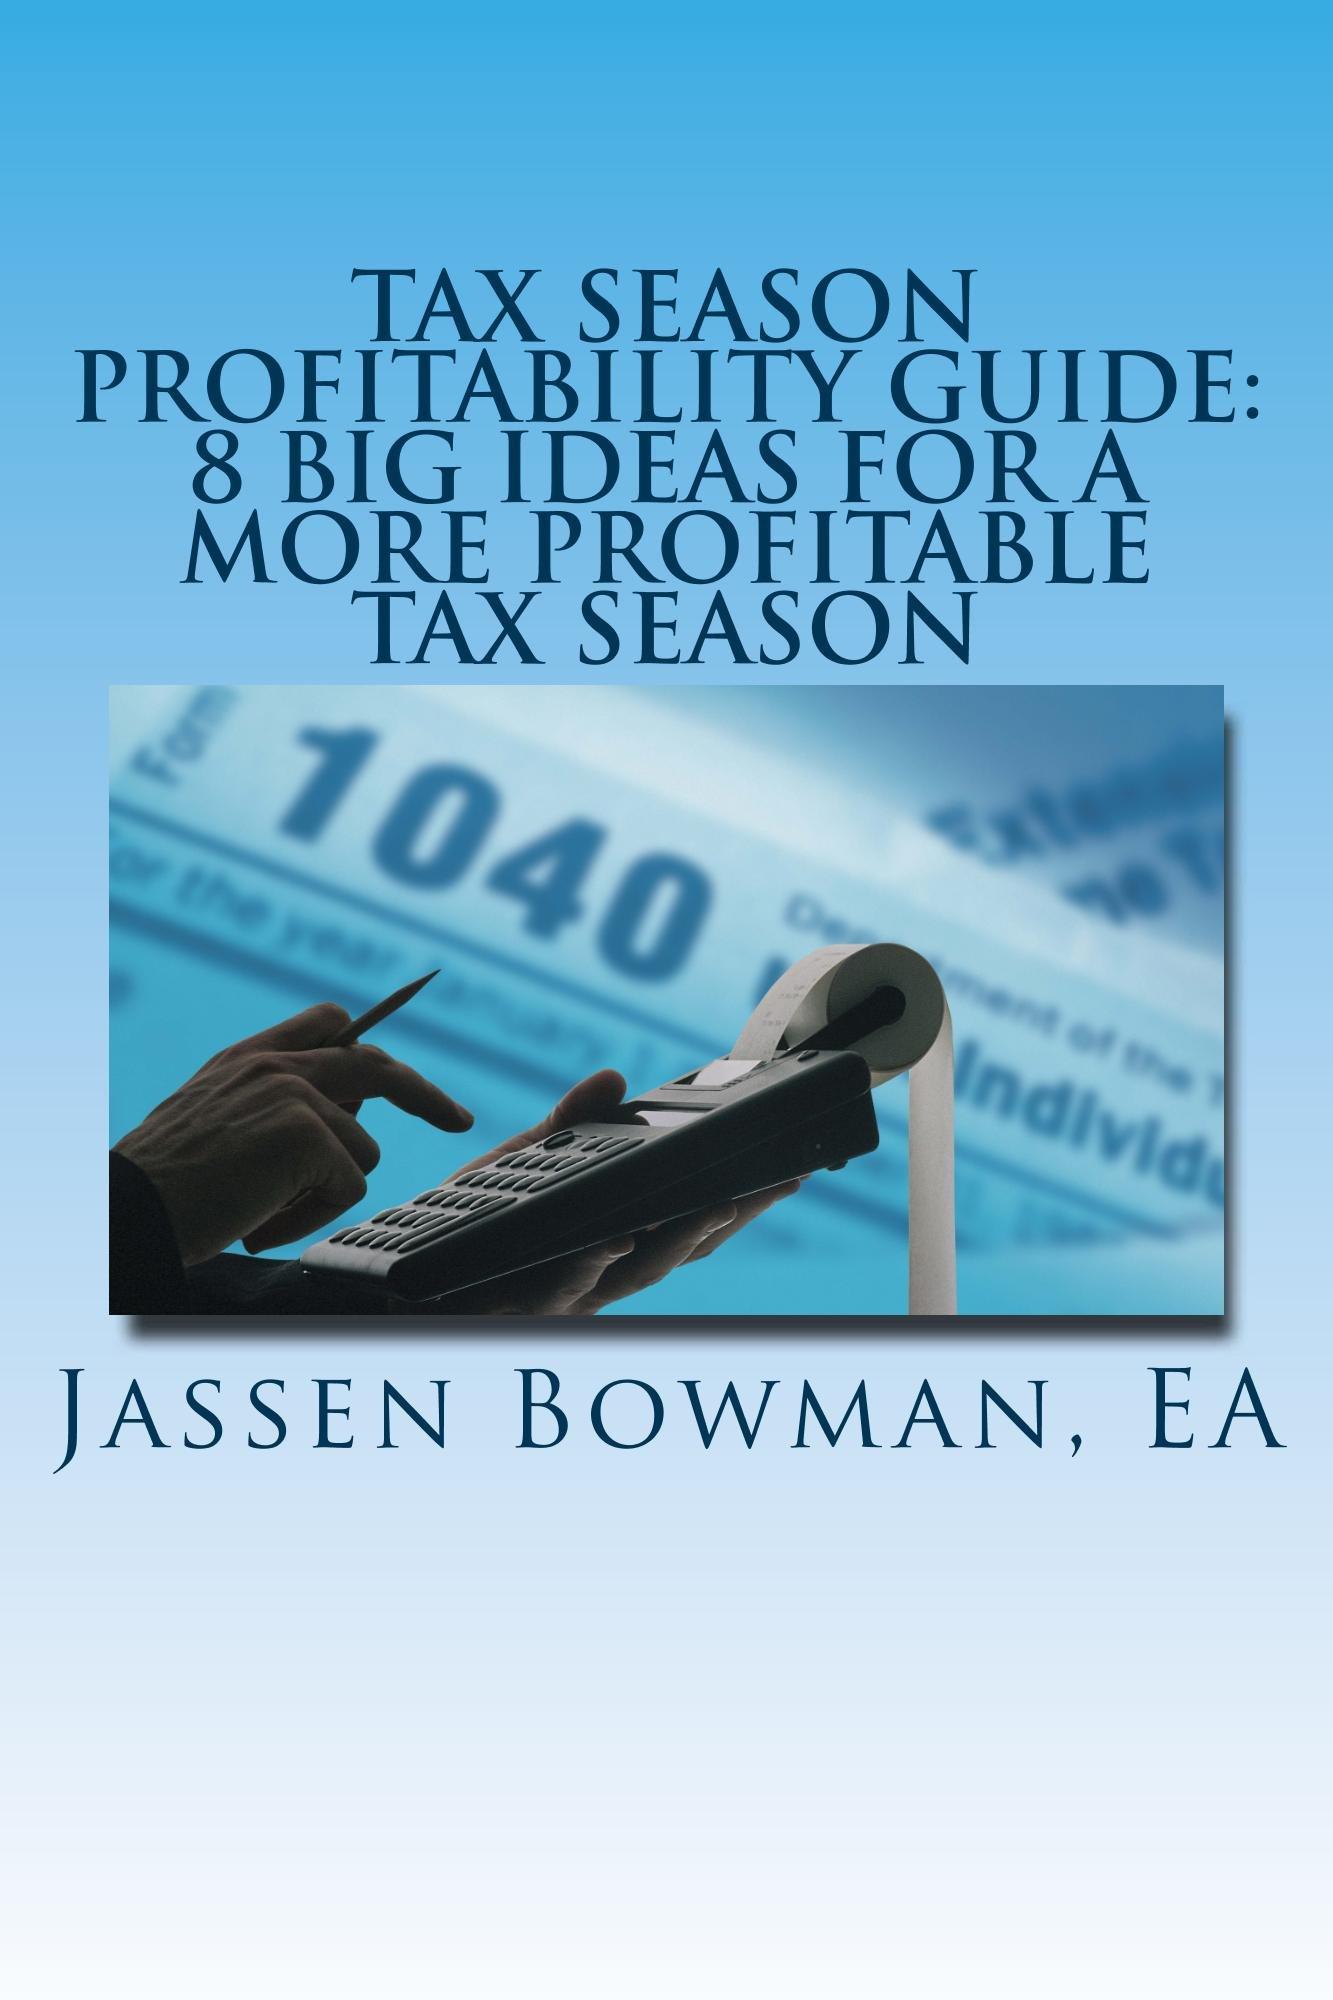 Tax Season Profitability Guide: 8 Big Ideas For A More Profitable Tax Season